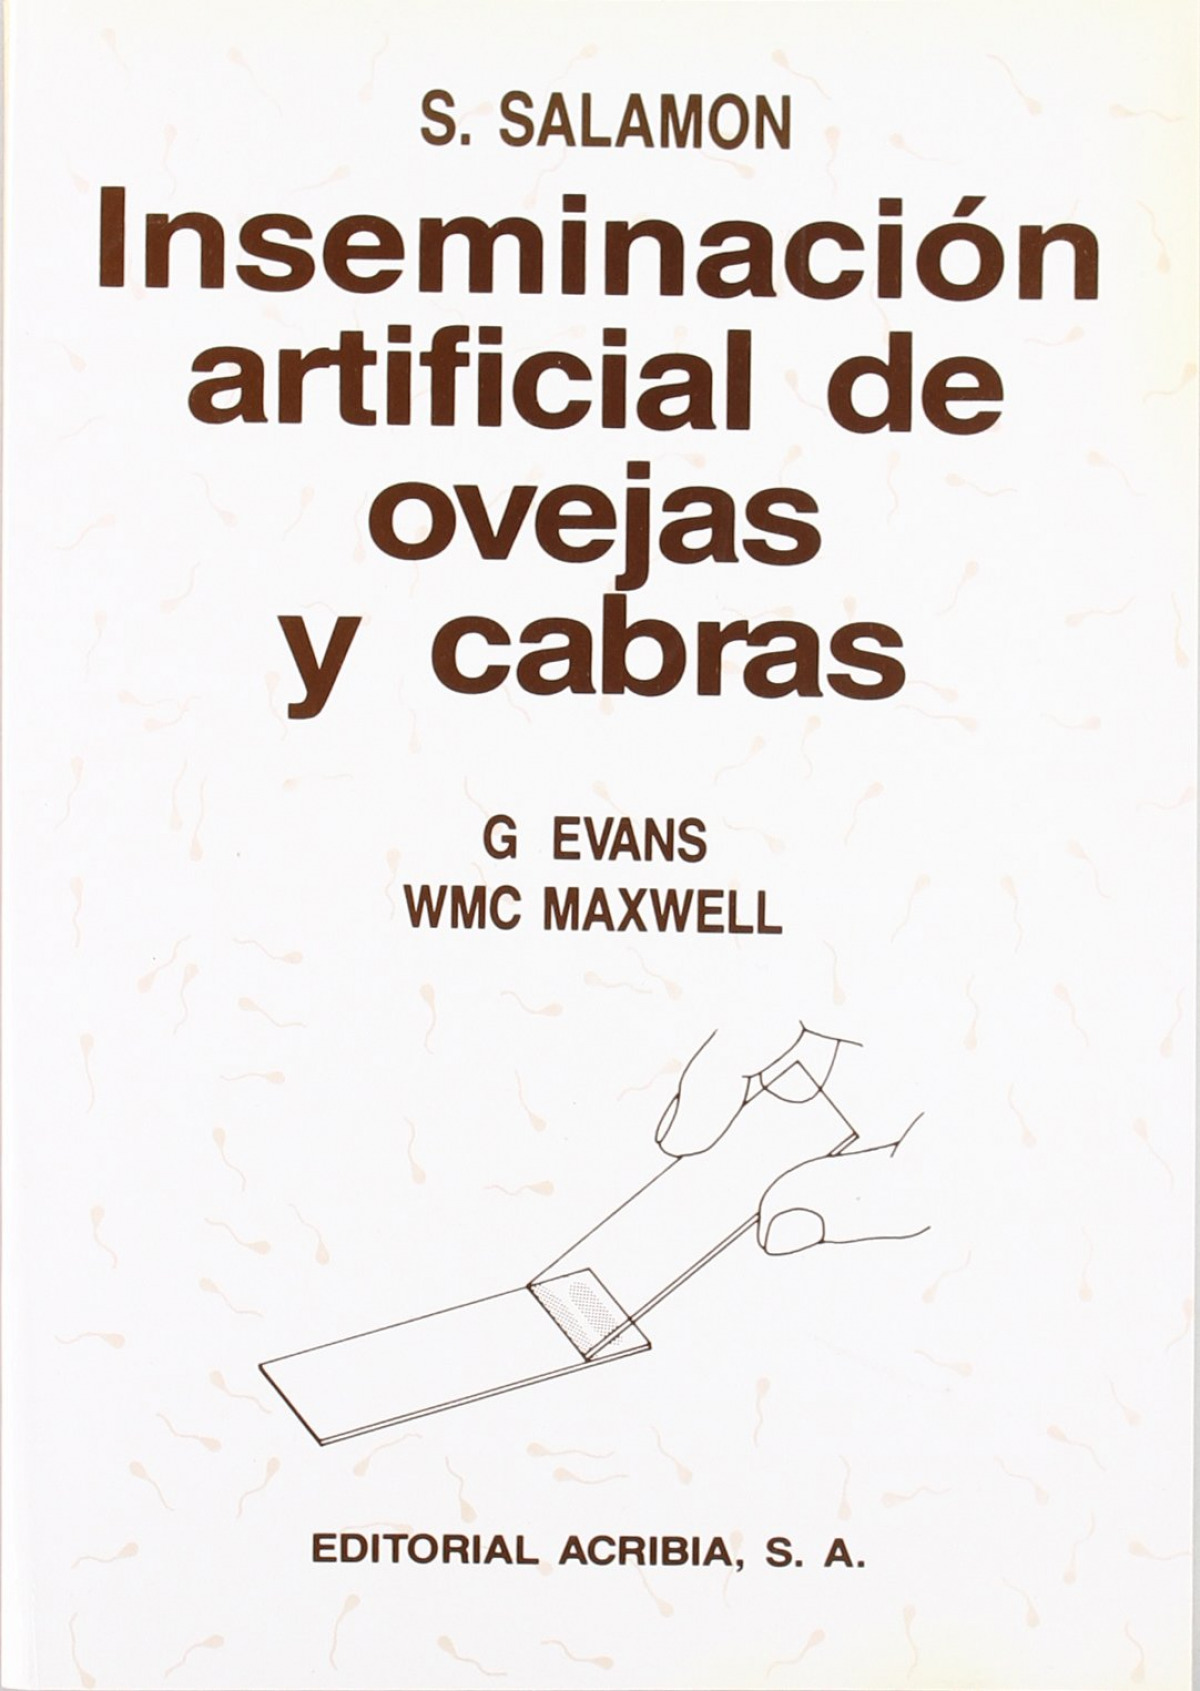 INSEMINACIÓN ARTIFICIAL DE OVEJAS/CABRAS